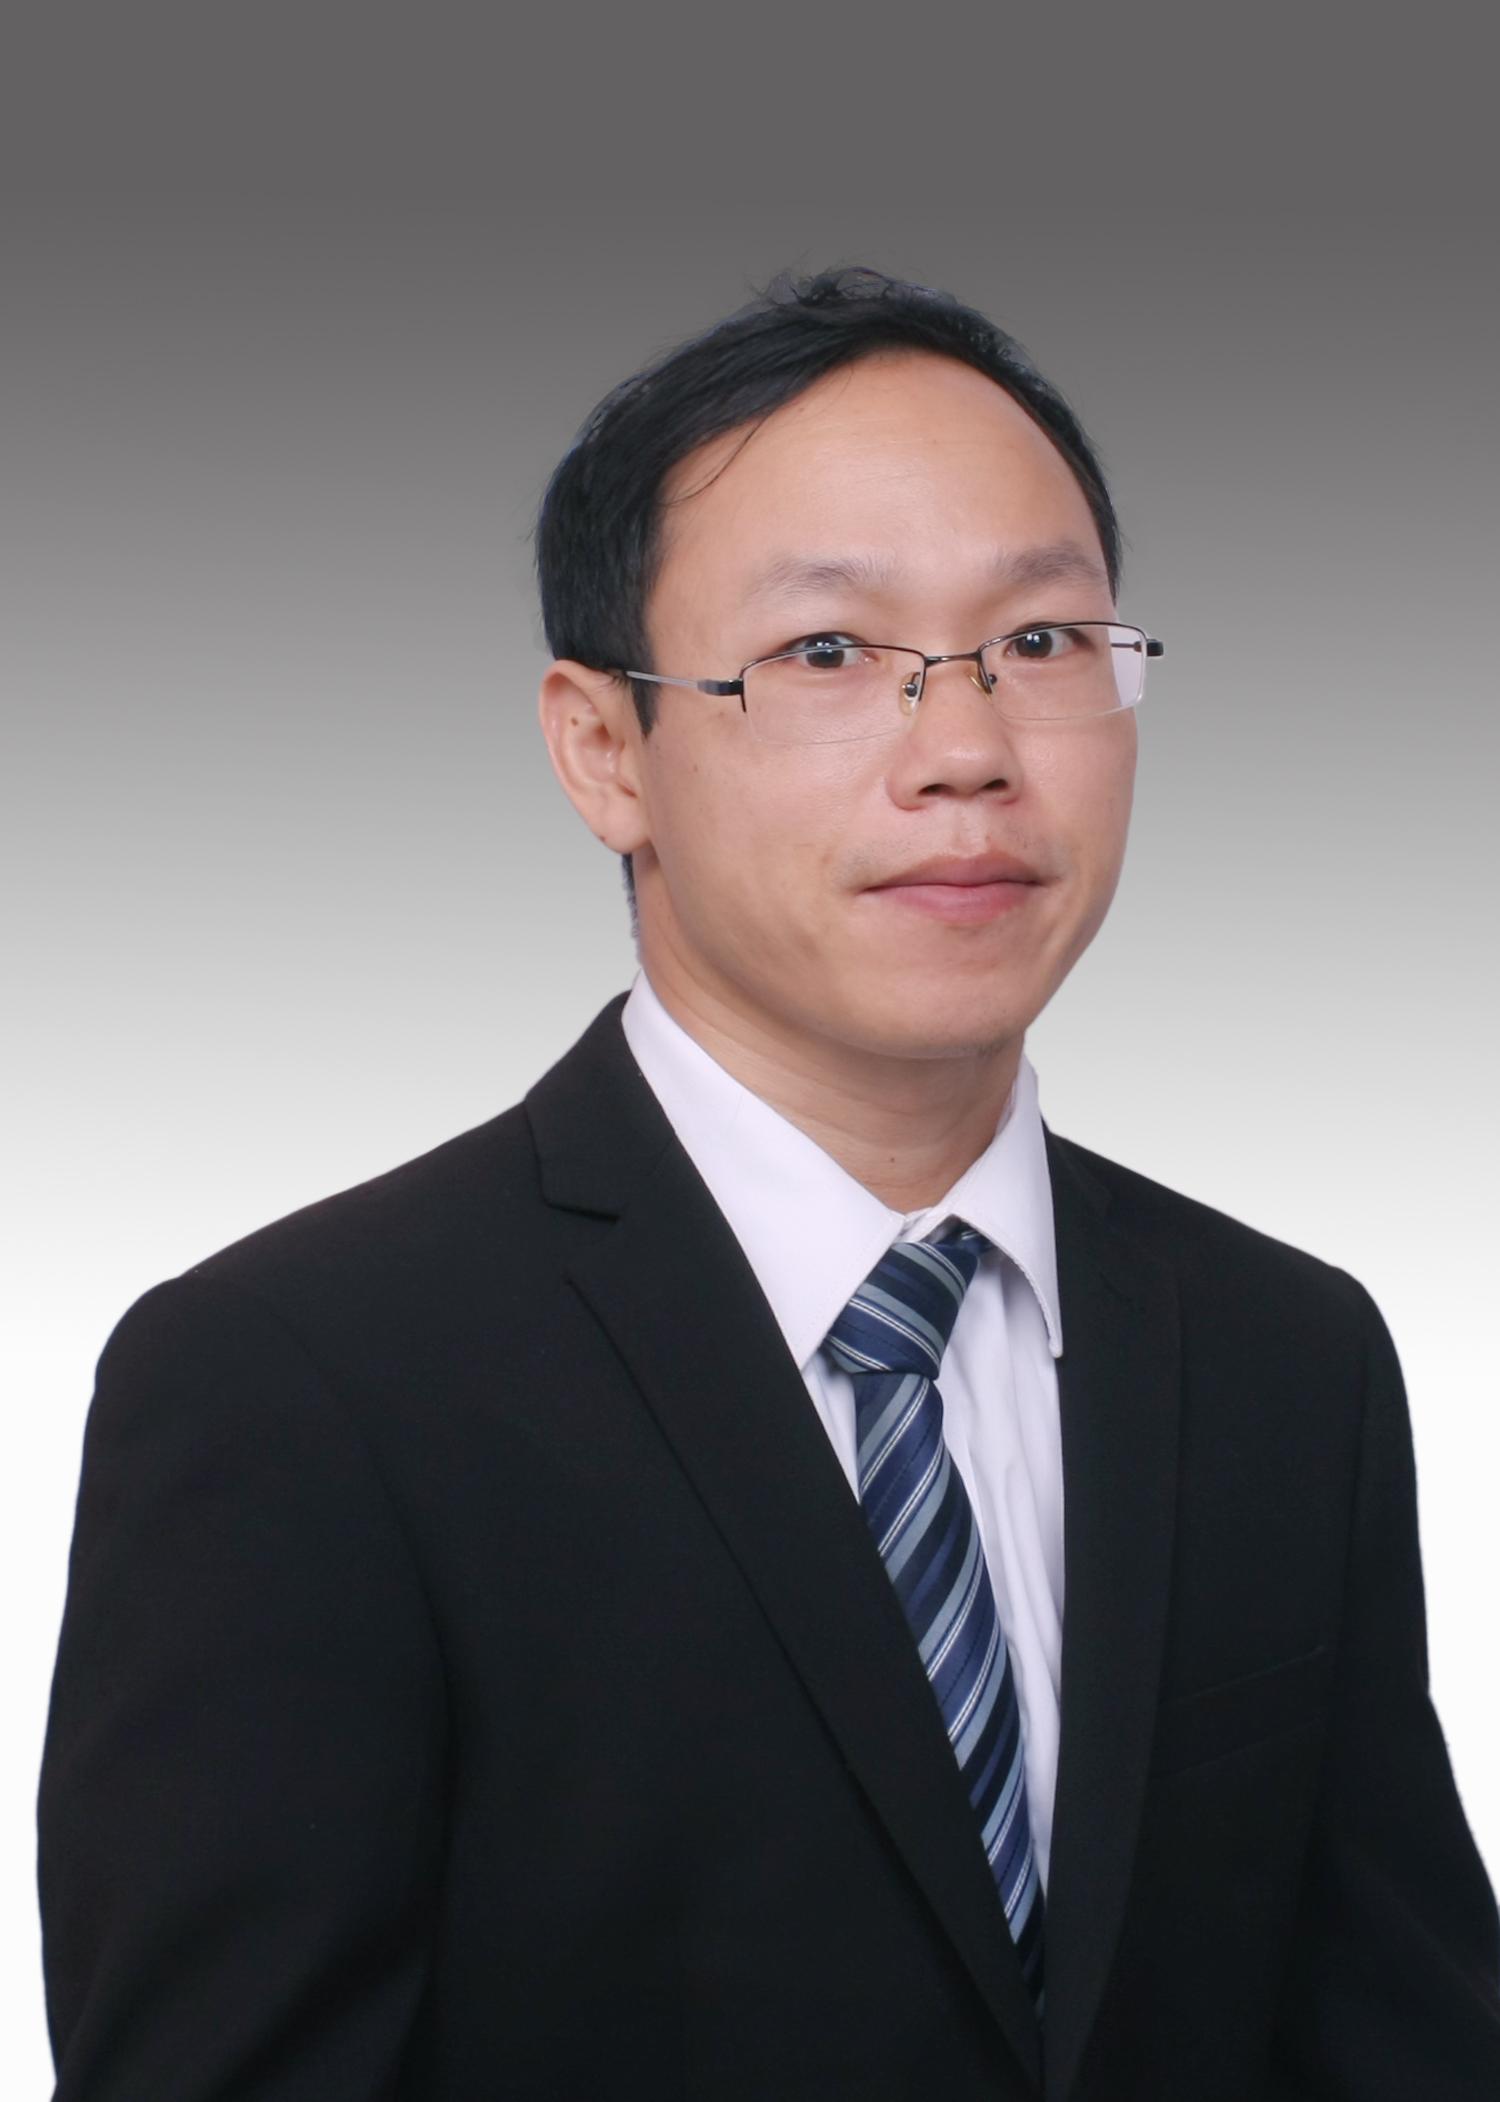 Zuyuan Yang bio photo